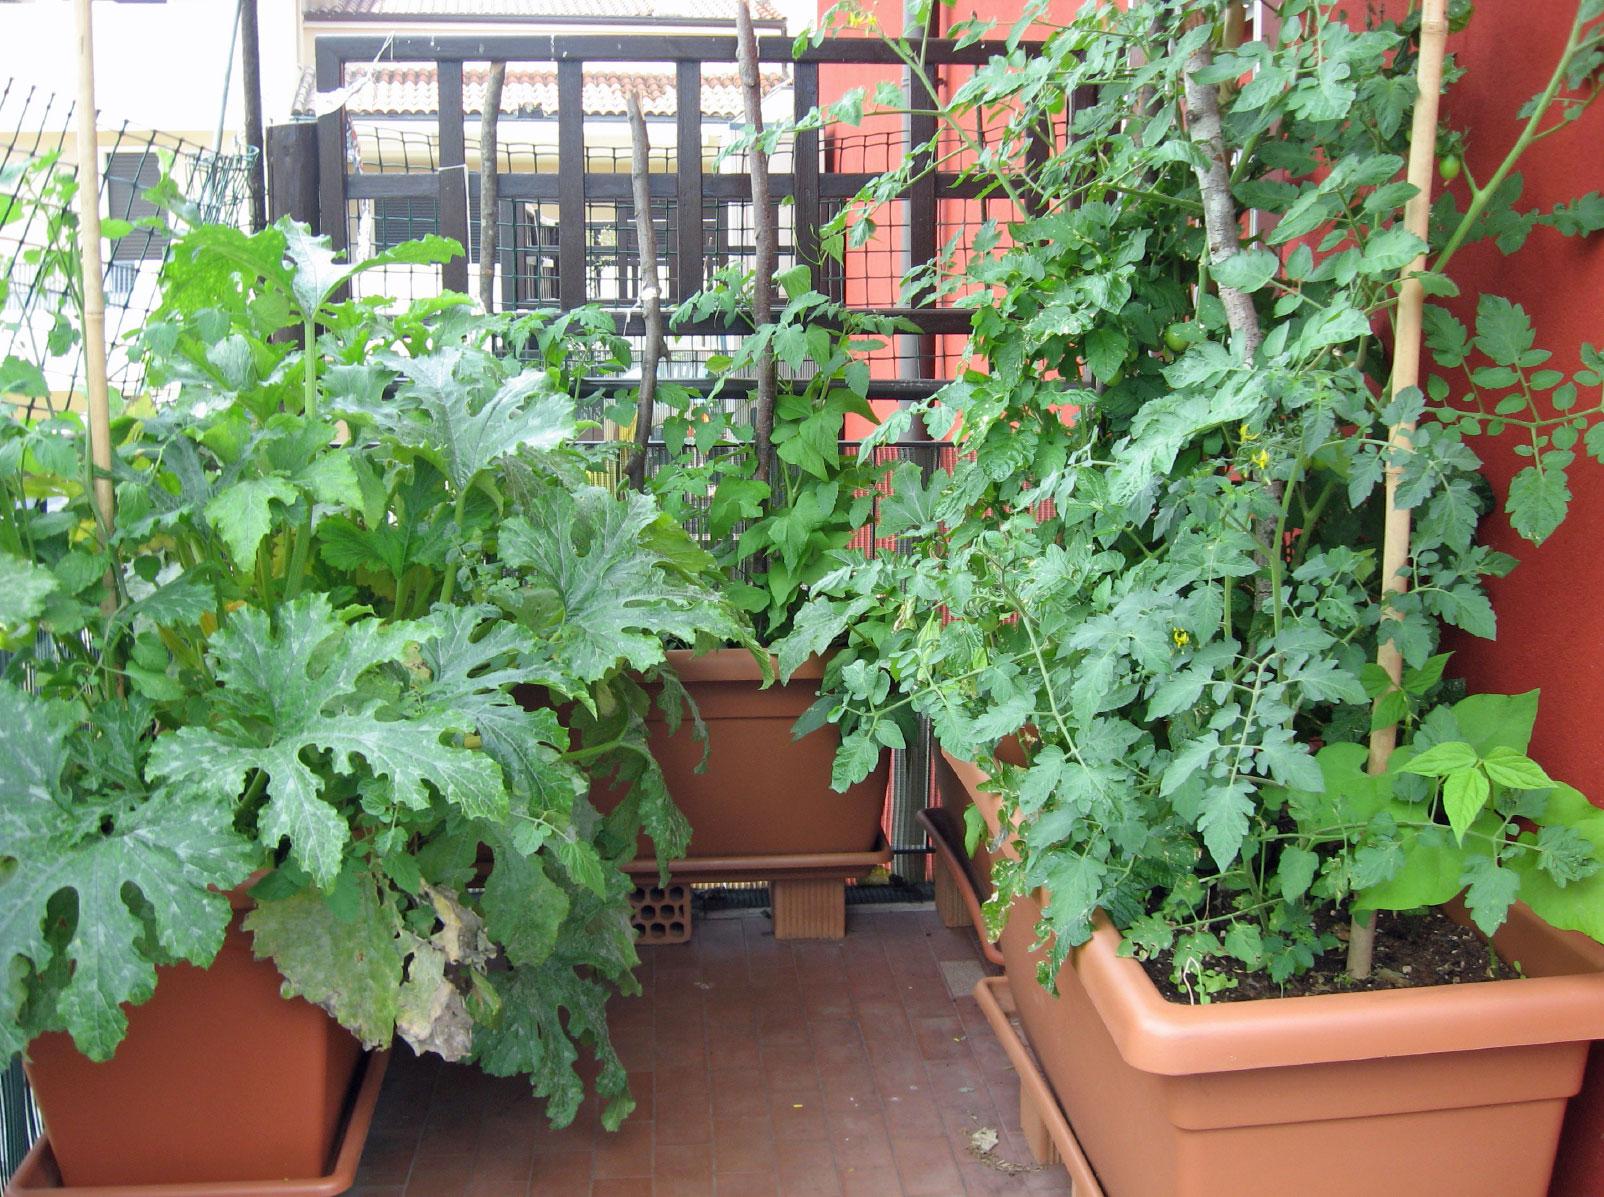 growing an urban vegetable garden photo - 5